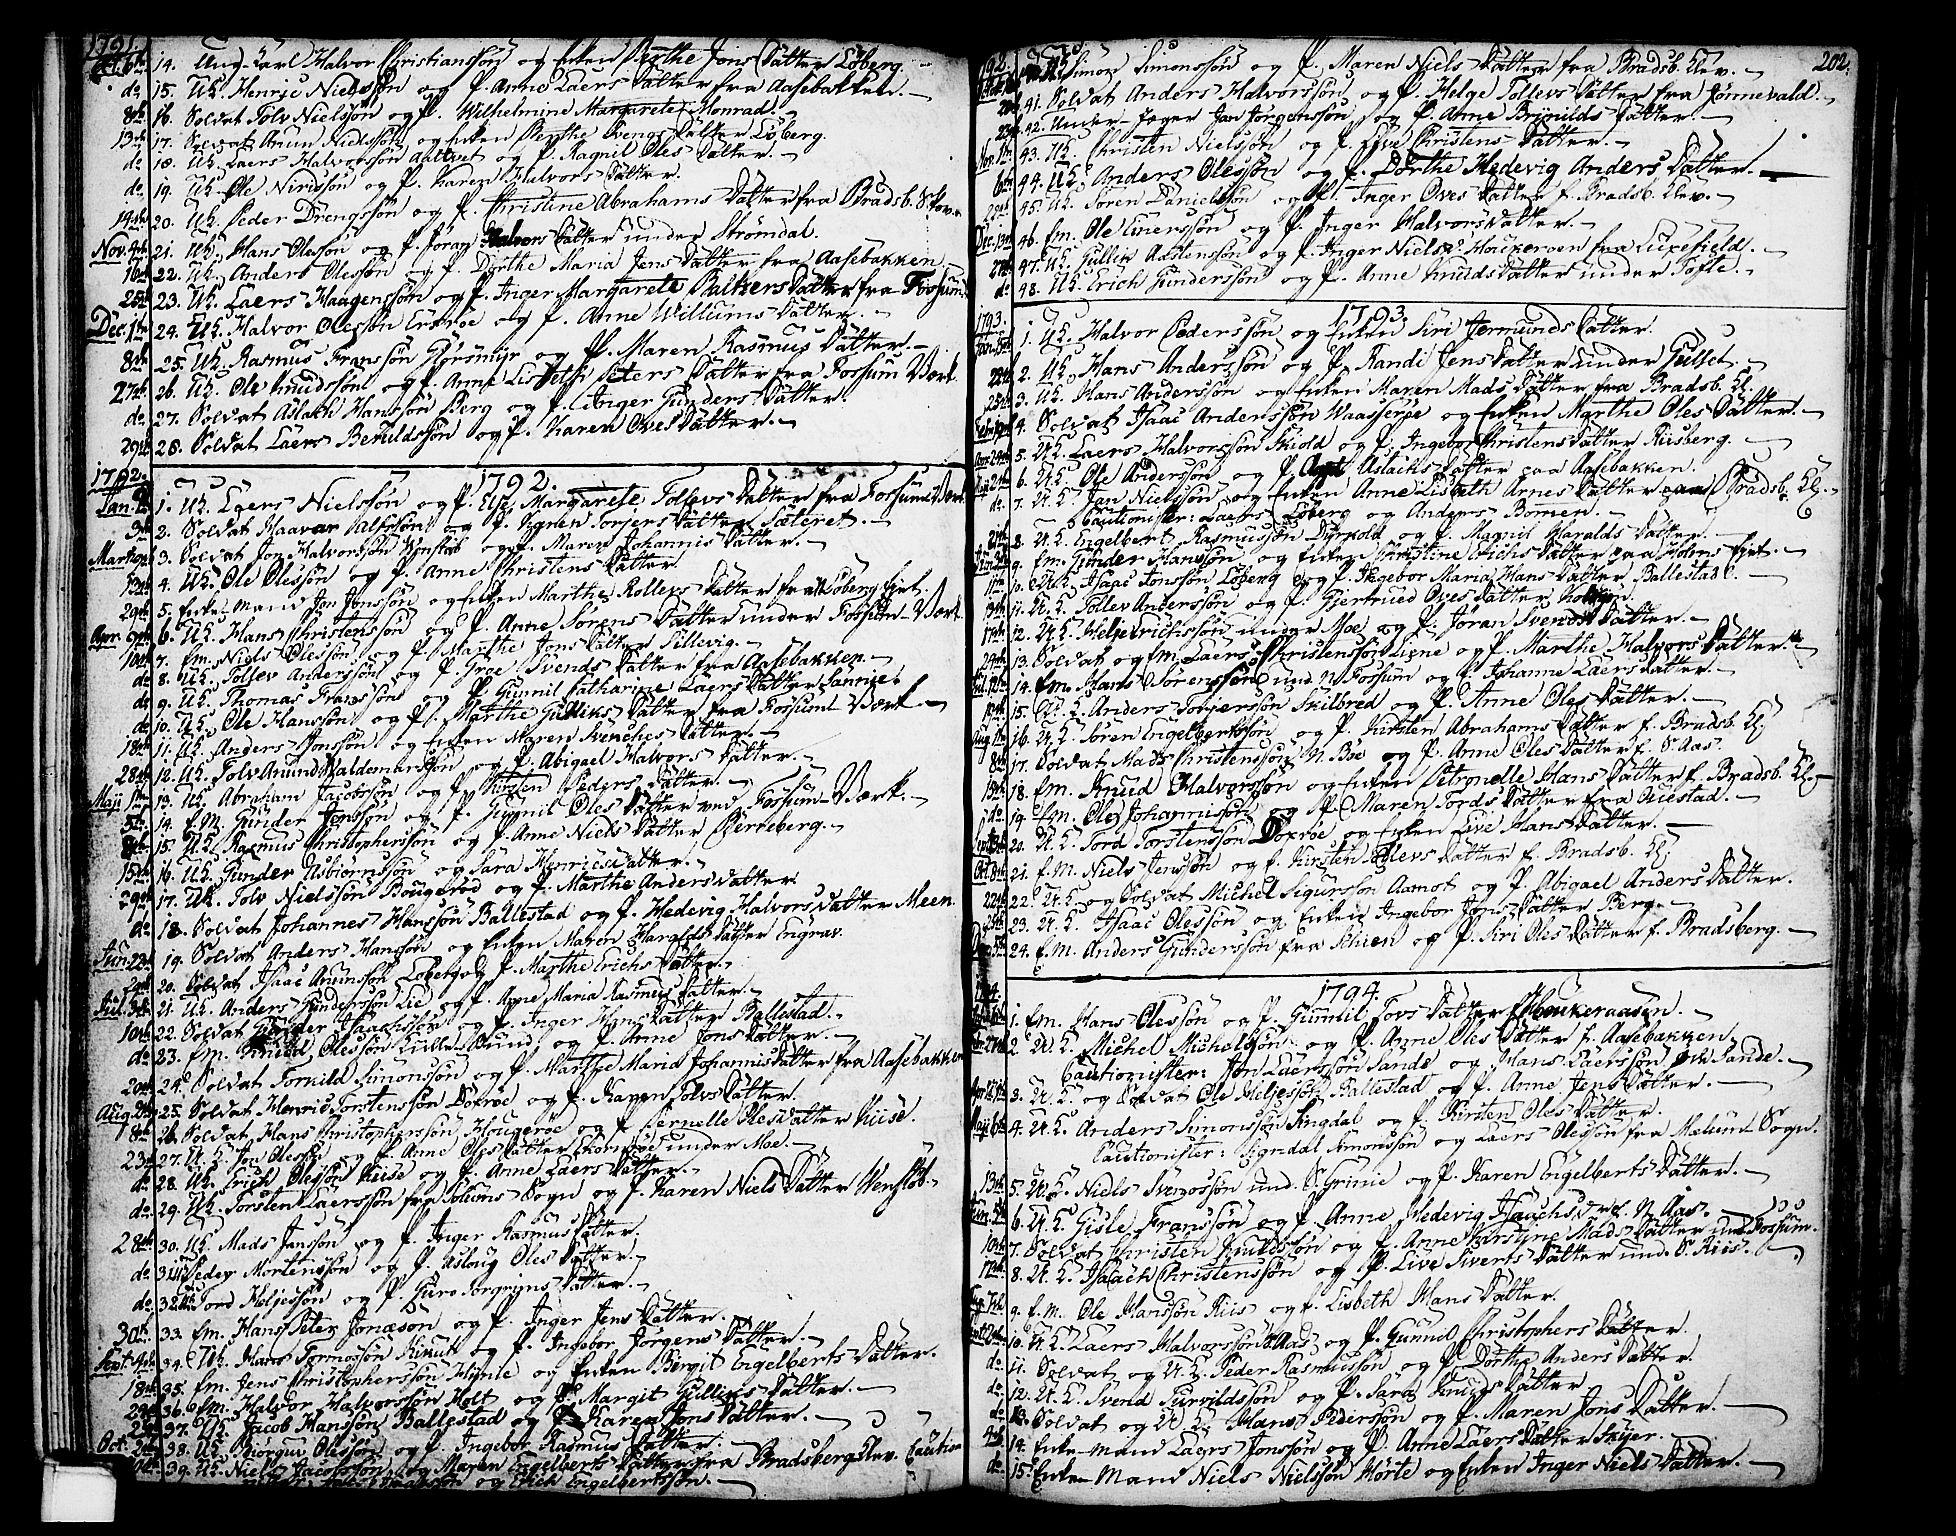 SAKO, Gjerpen kirkebøker, F/Fa/L0002: Ministerialbok nr. 2, 1747-1795, s. 202